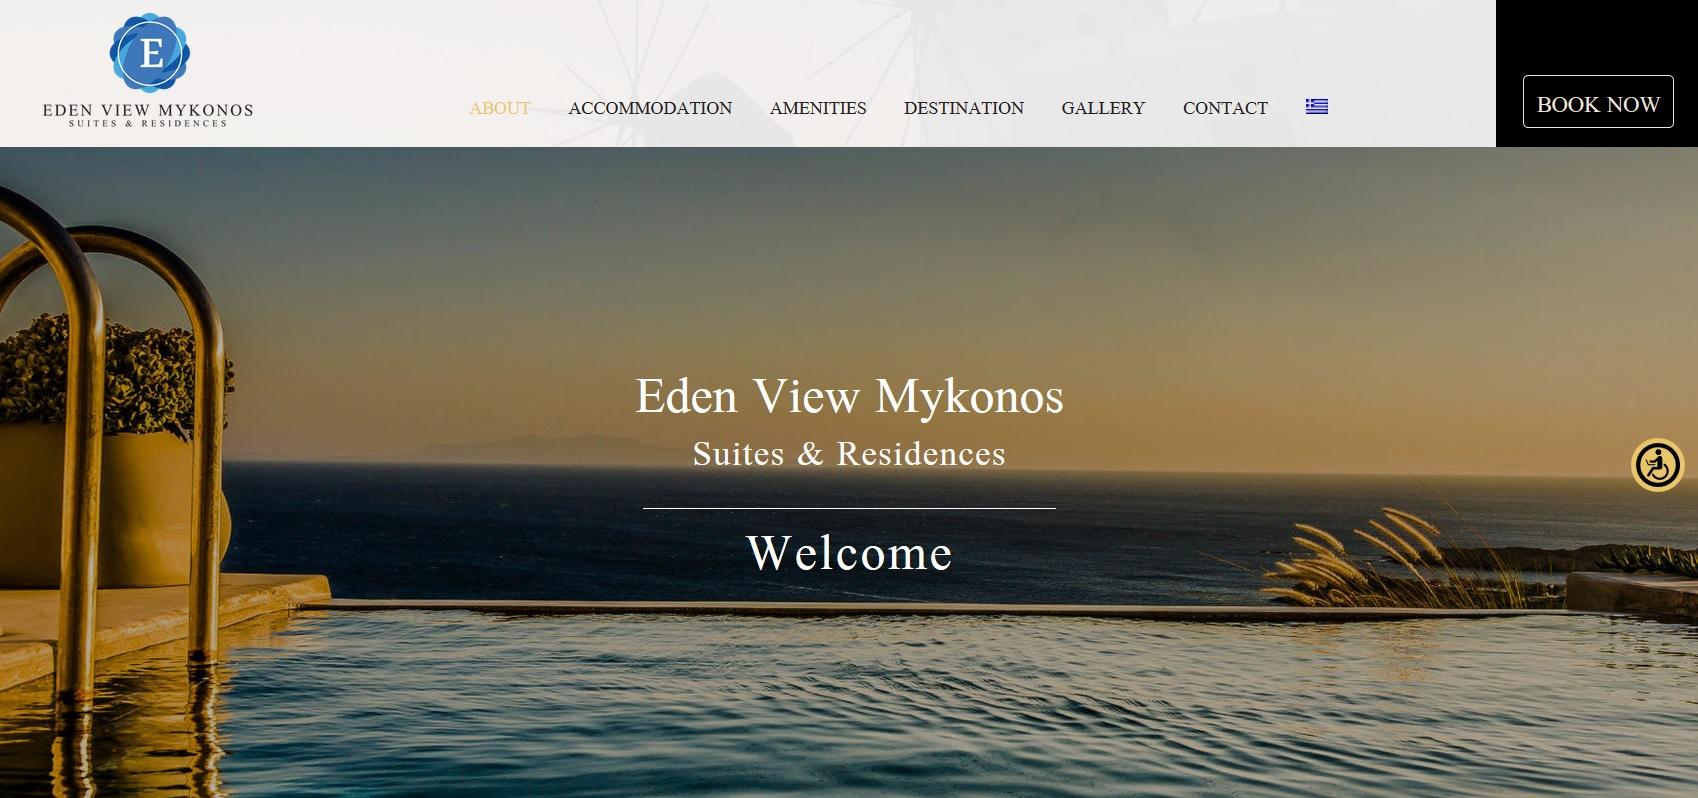 eden_view_mykonos